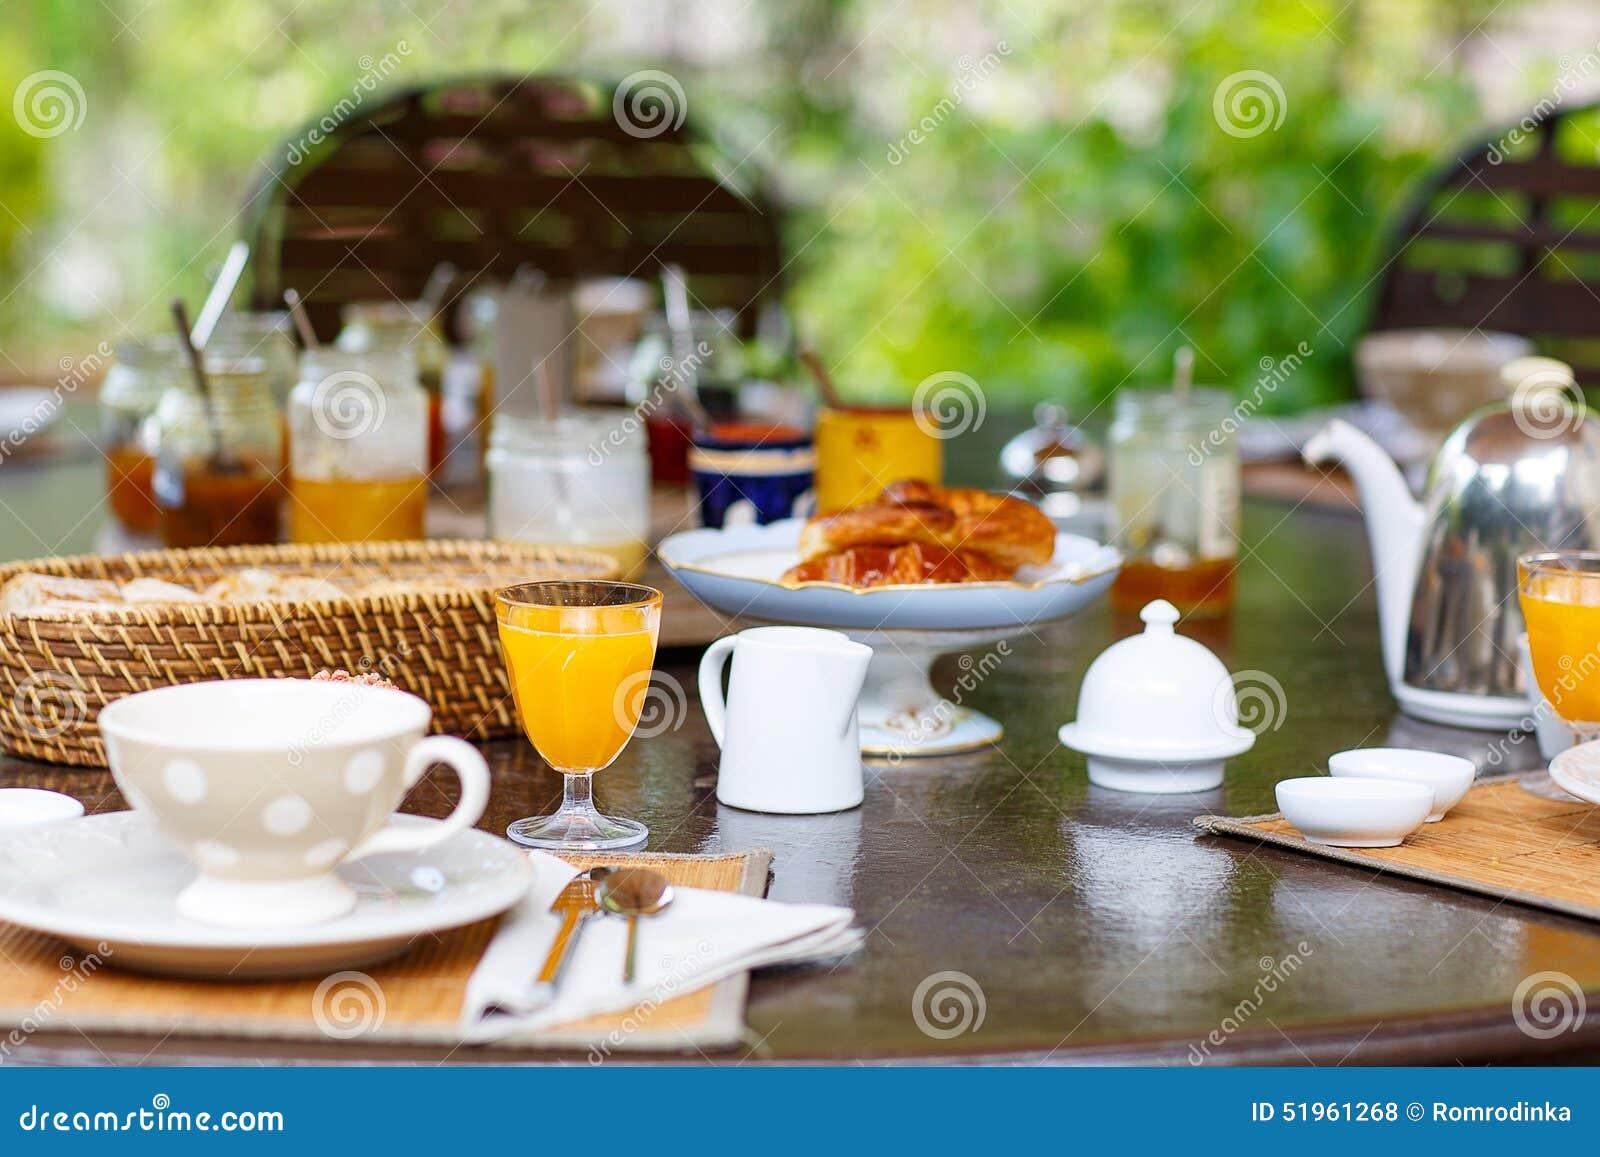 Le tableau s 39 est tendu pour le petit d jeuner dehors avec du divers caf - Le petit patio orange ...